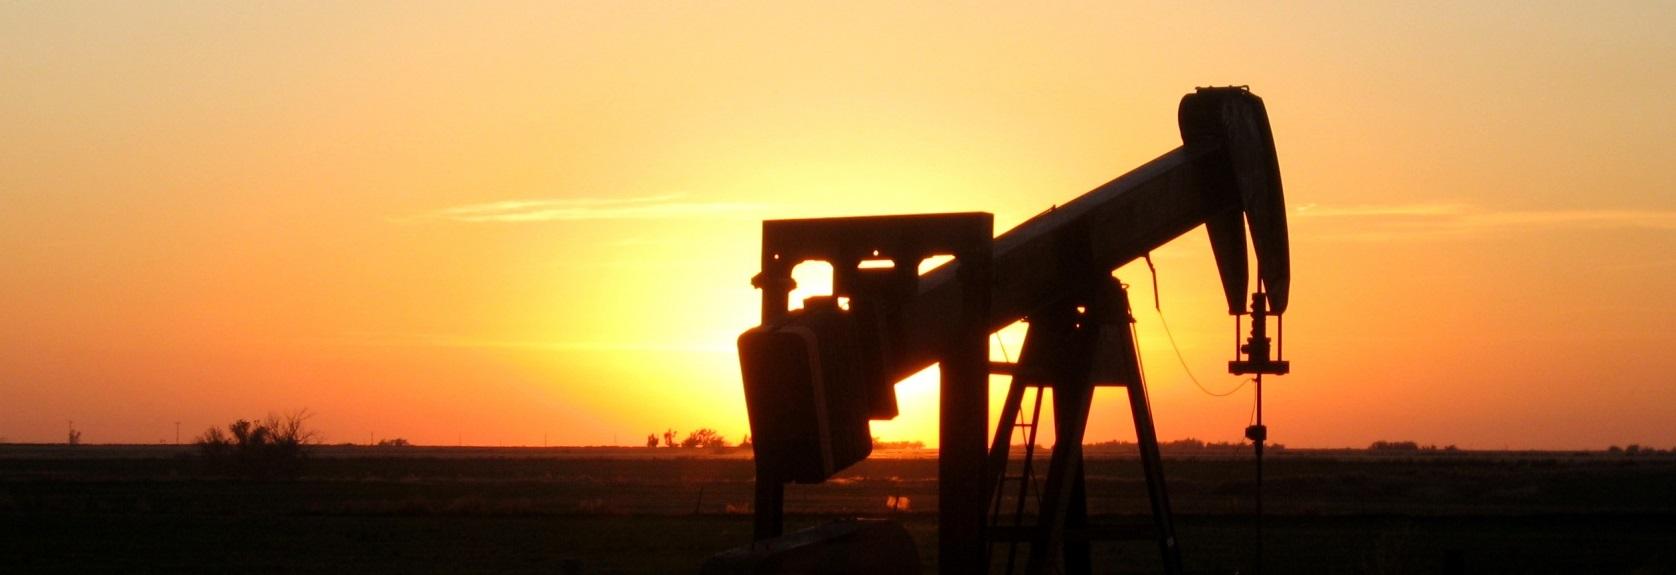 Importante mejora técnica en las petroleras Repsol, Eni, BP y TotalEnergies